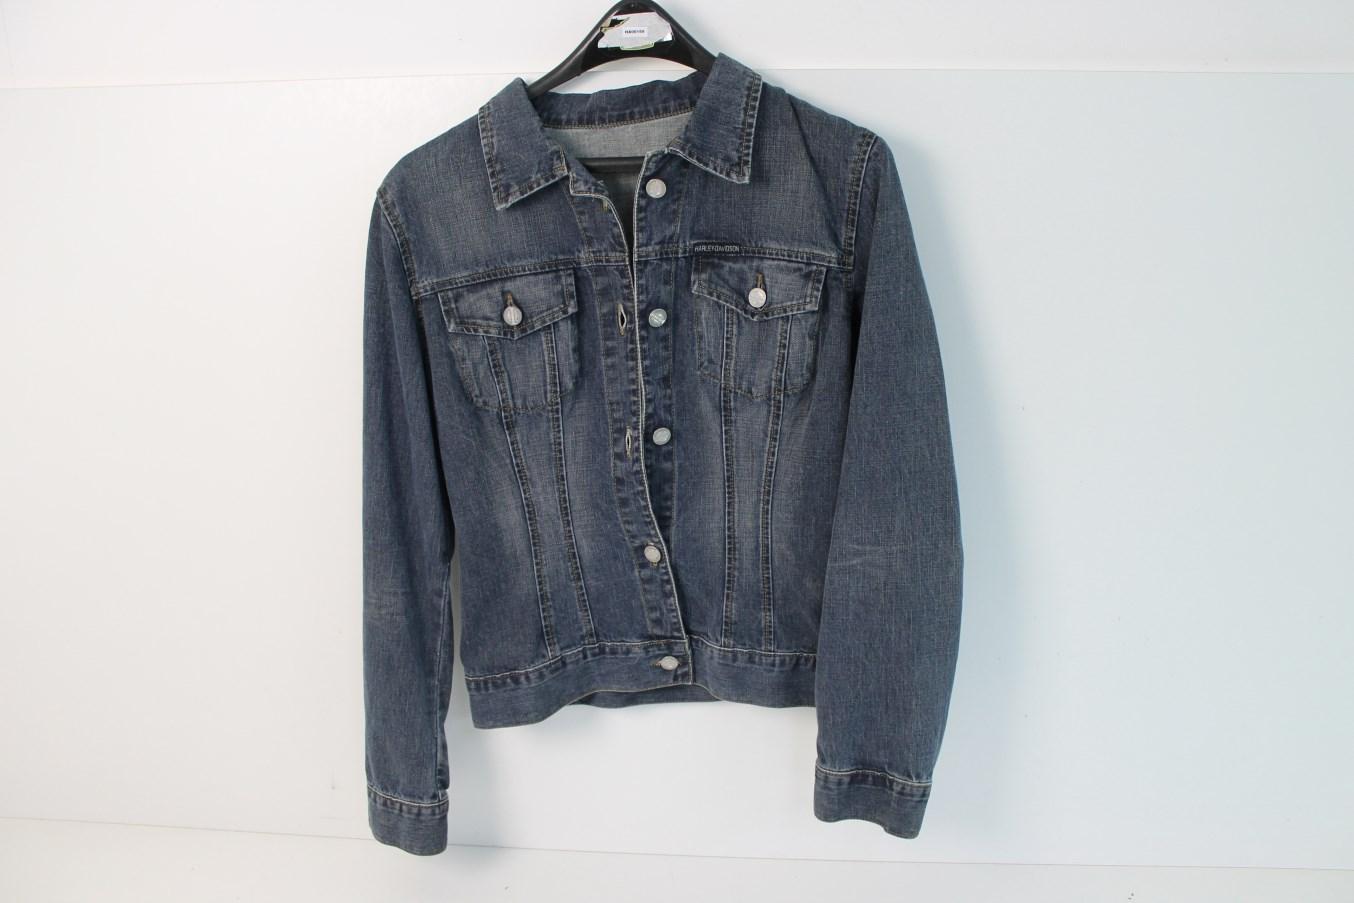 harley davidson hommes veste des hommes jeans taille m ebay. Black Bedroom Furniture Sets. Home Design Ideas